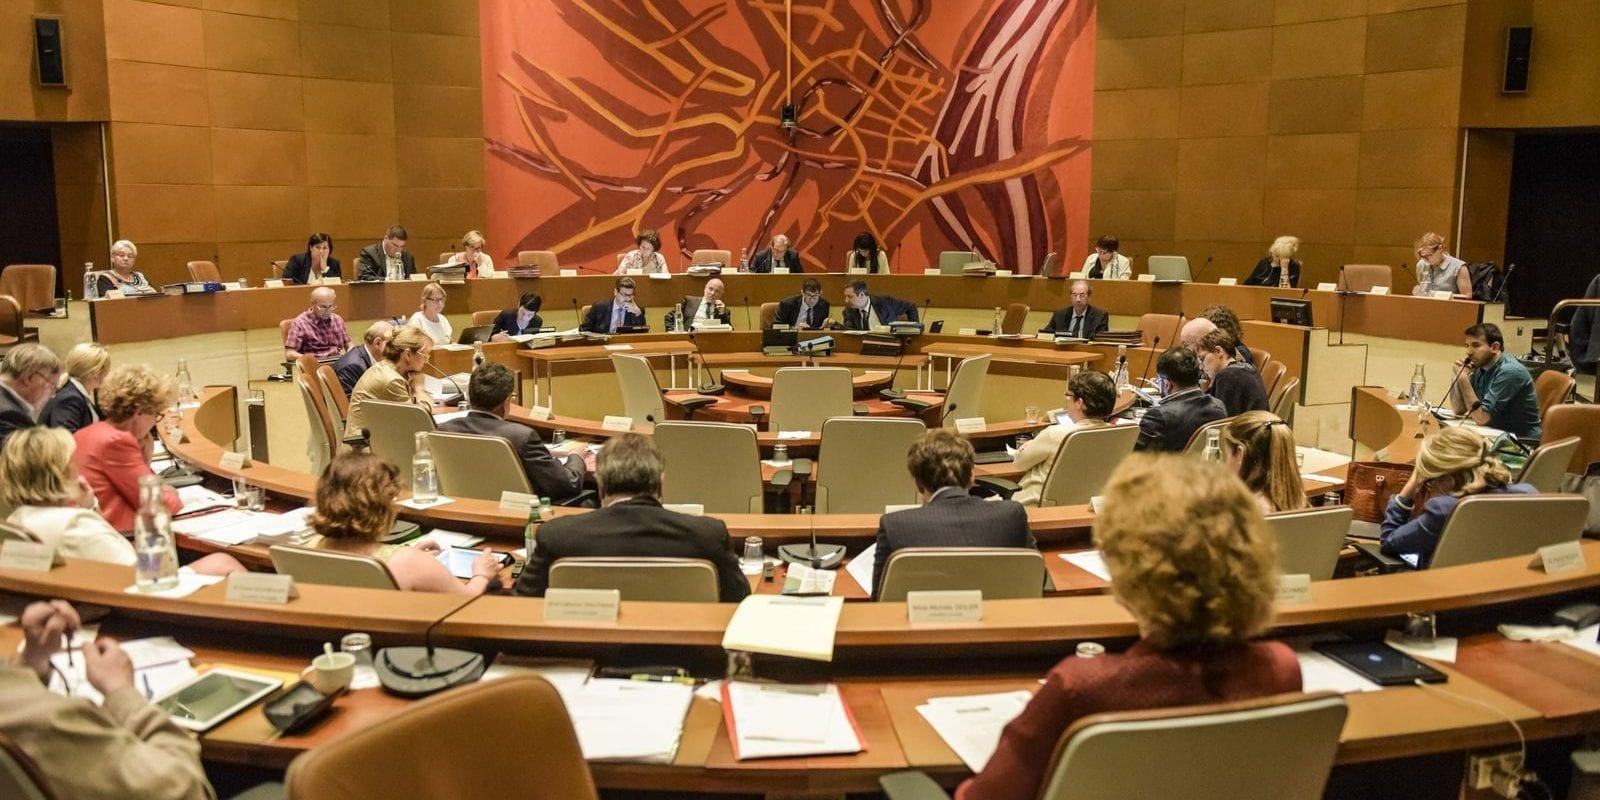 Après un âpre débat, le conseil municipal valide de justesse un pacte financier controversé